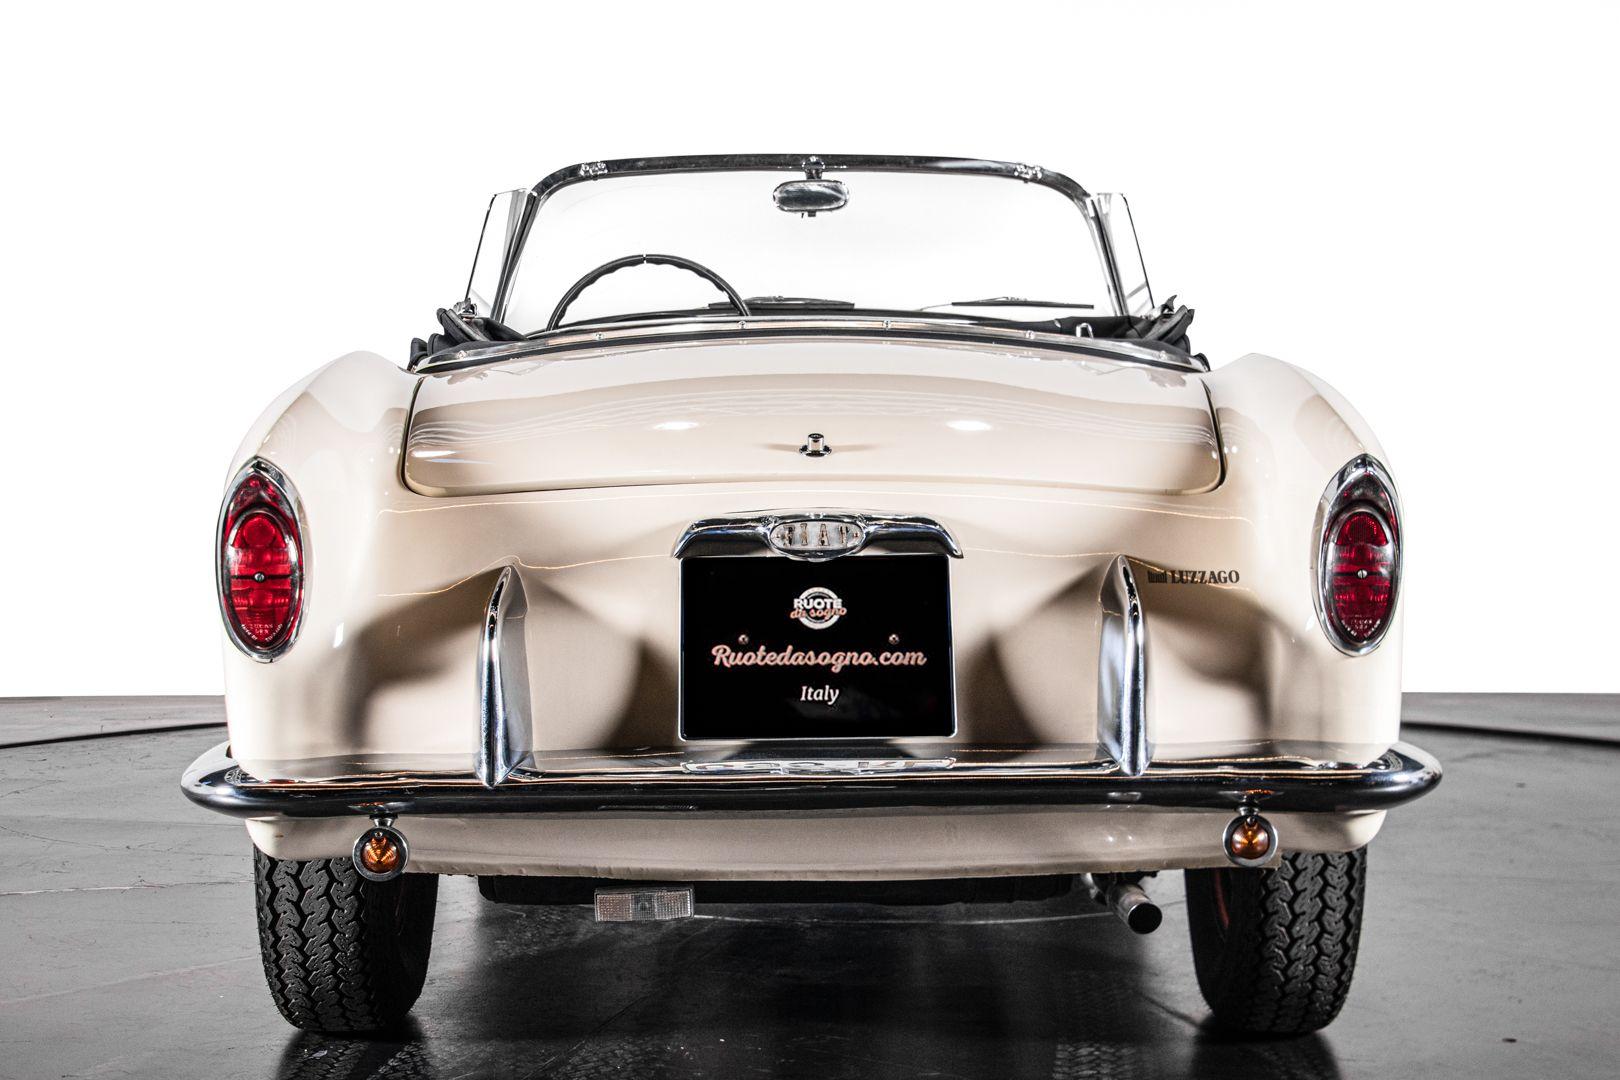 1959 FIAT 1200 TV TRASFORMABILE 62842